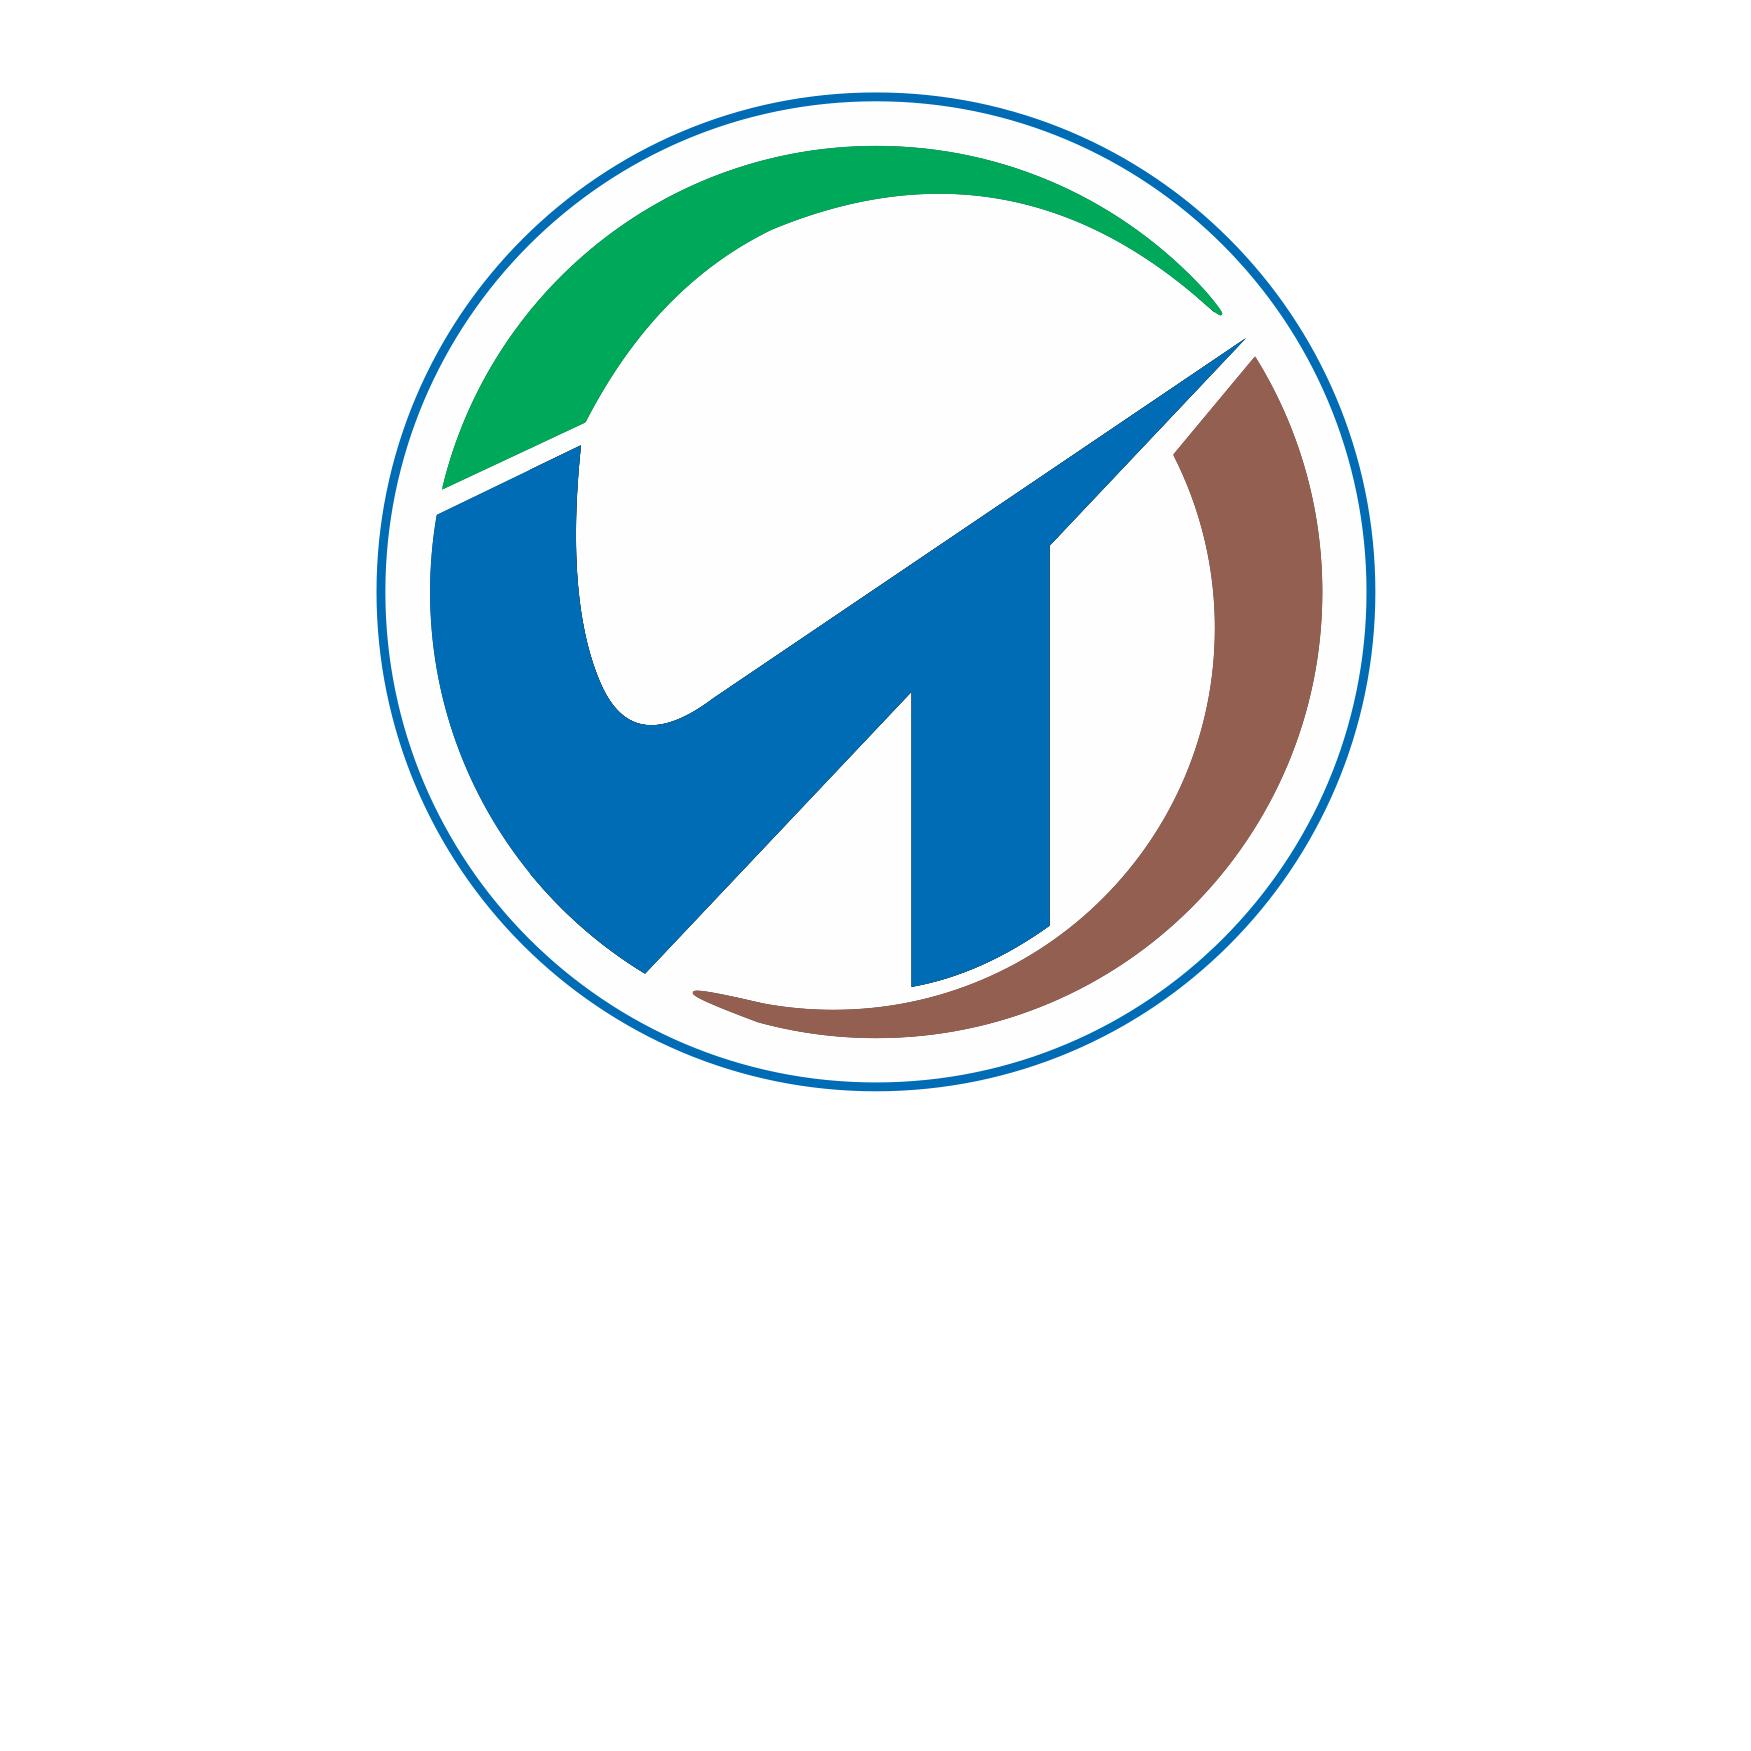 Khai trương Vincom đầu tiên tại Tỉnh Nghệ An